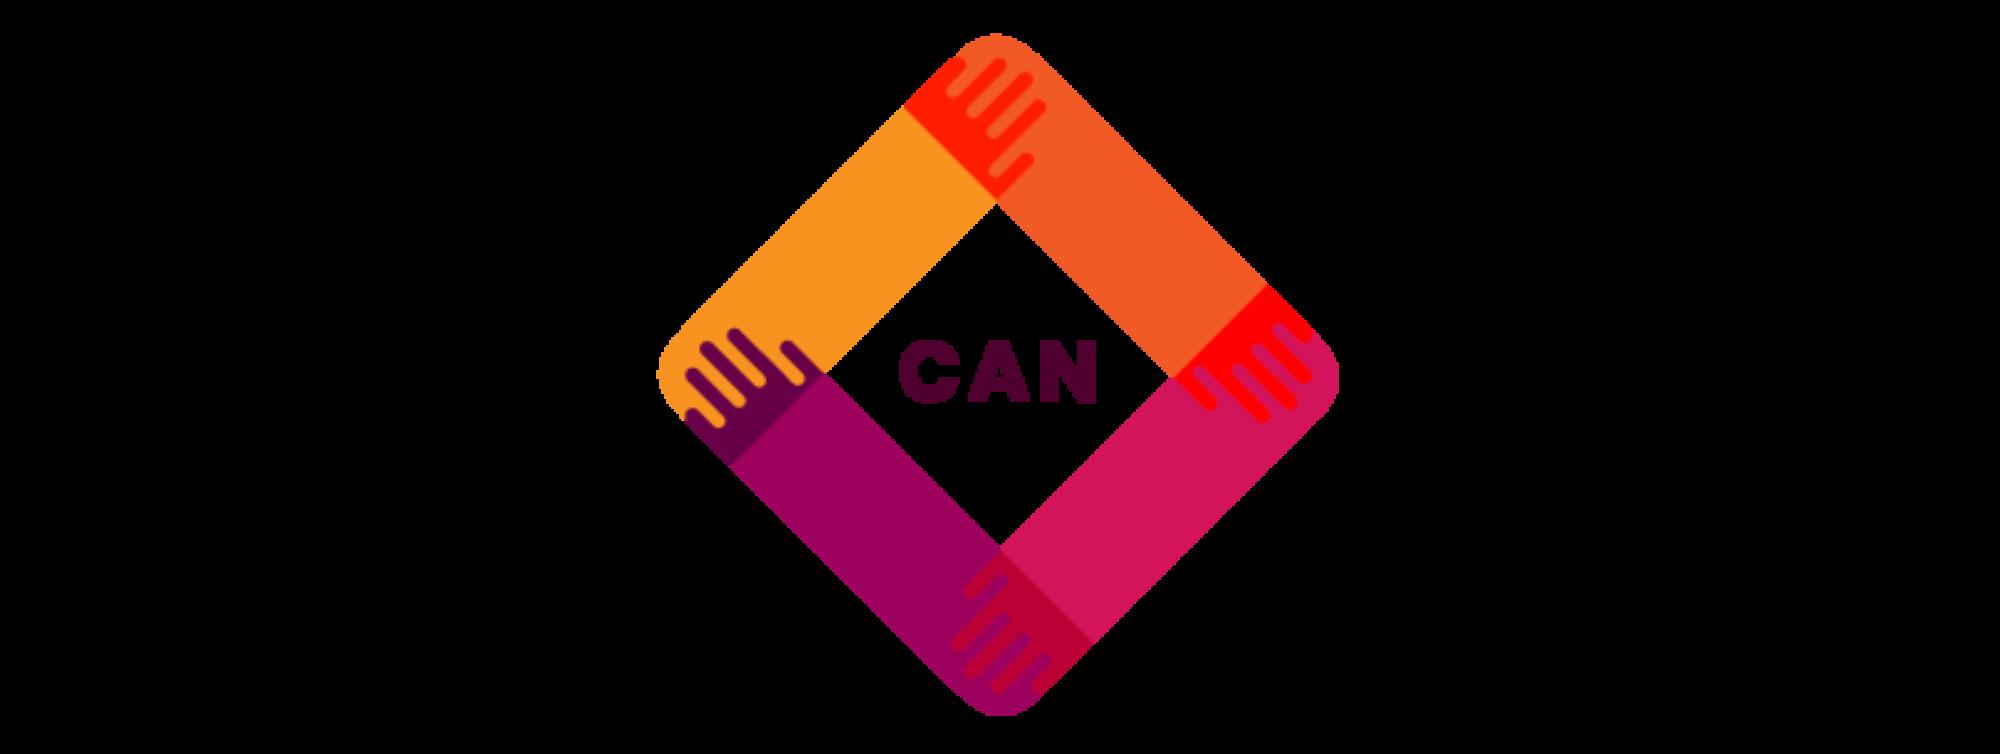 Civil Action Network